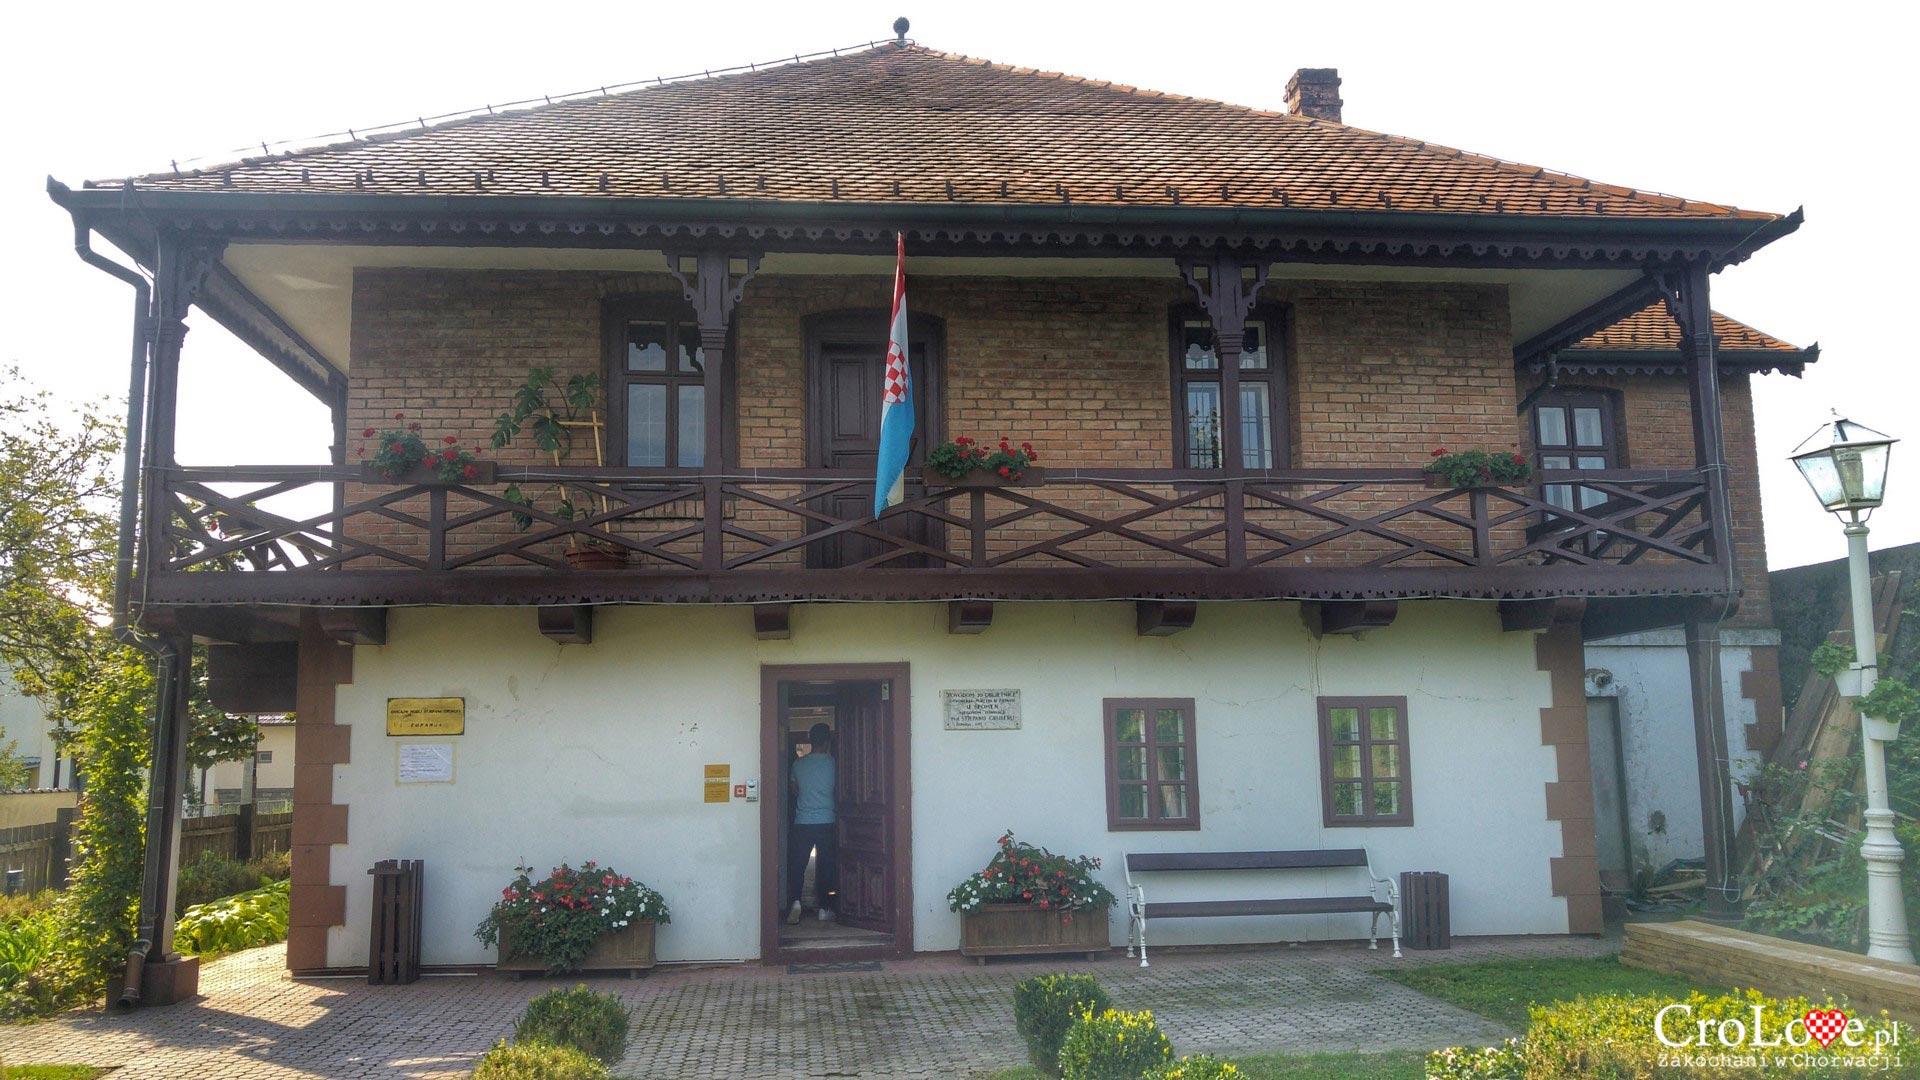 Lokalne muzeum Stjepana Grubera, Županja